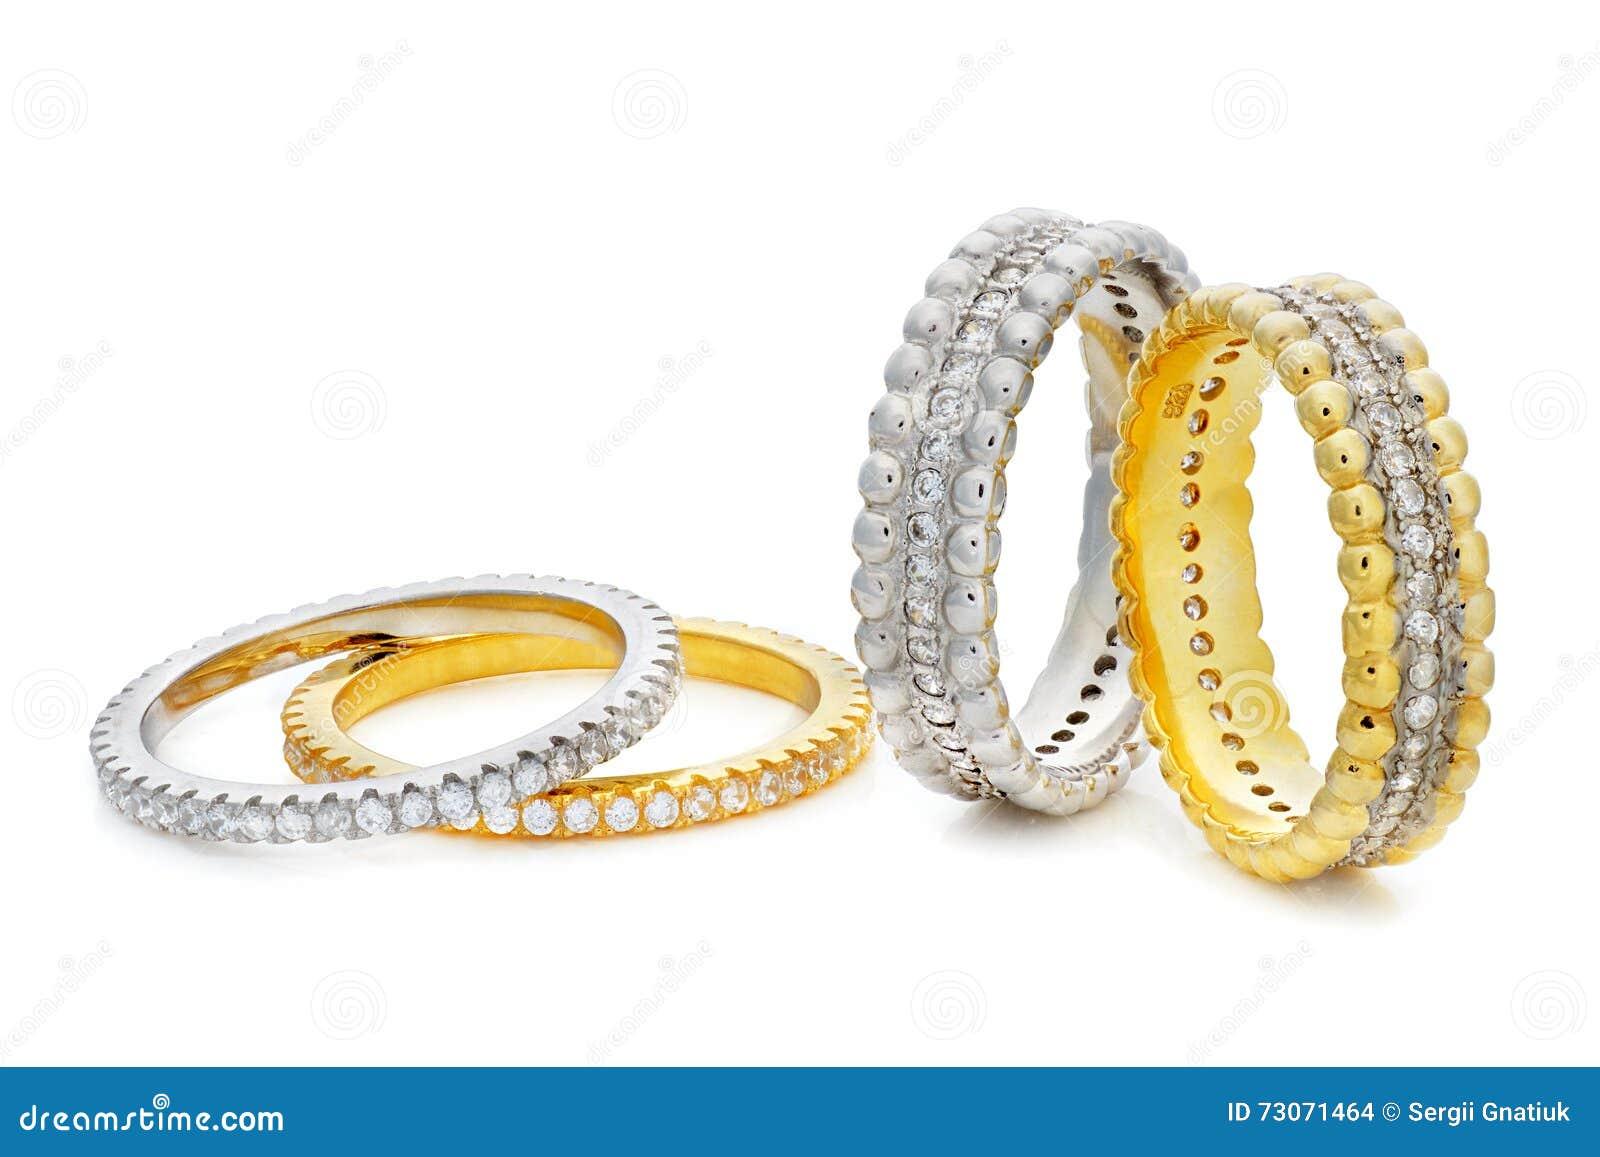 Närbild på fyra armband som göras av en guld och en silver med diam